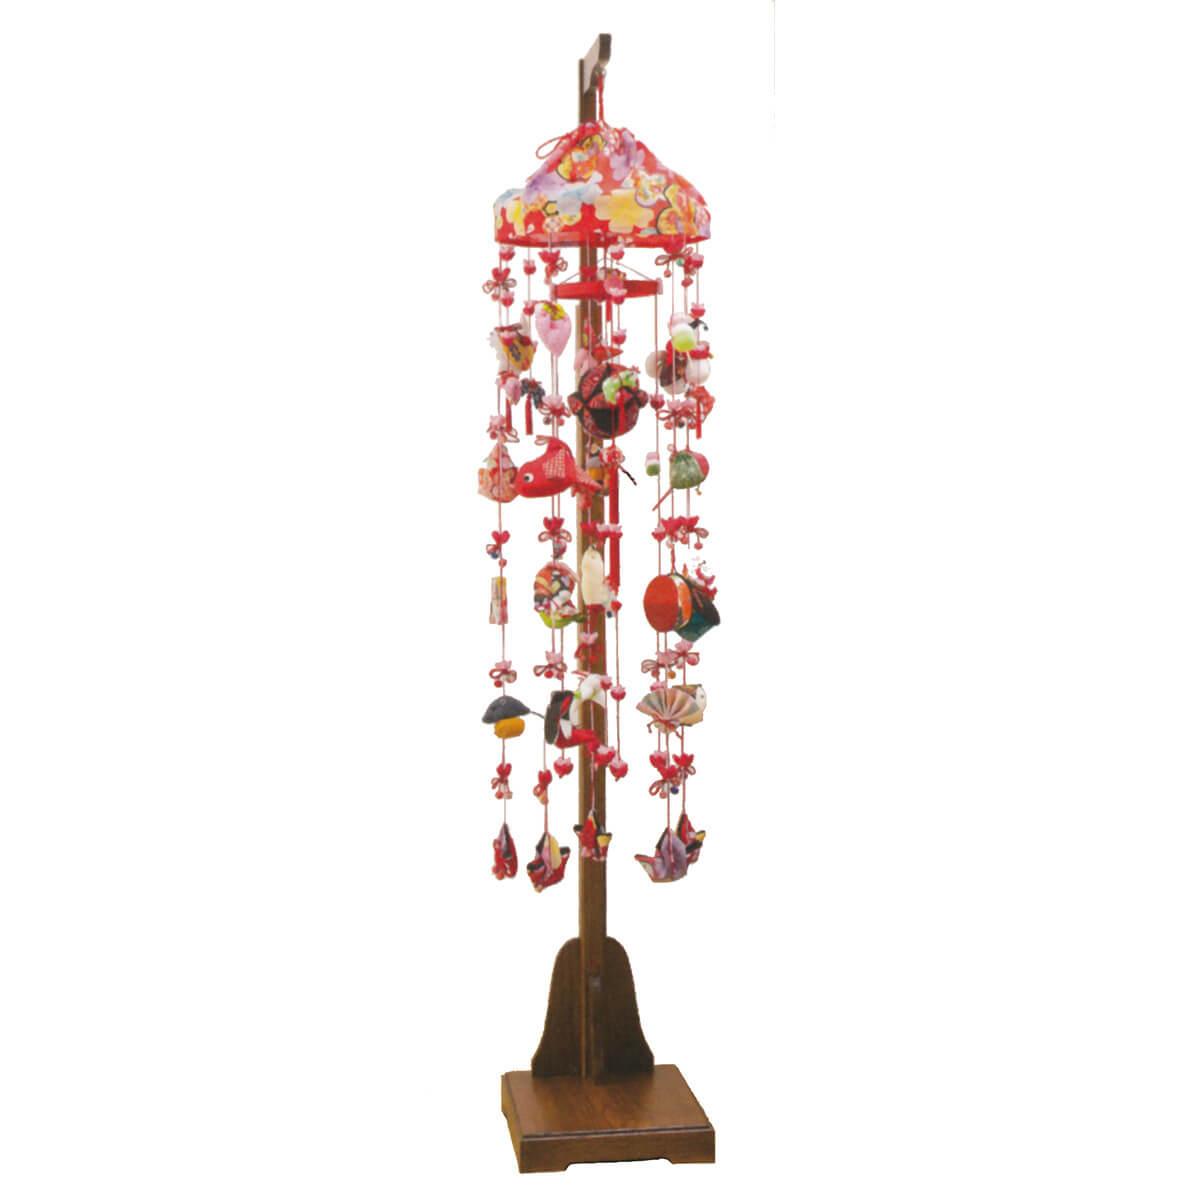 花夢 伸縮式スタンド付 TRS-H-332388送料無料 ※北海道 沖縄は除く つるし雛 吊るし飾り で 桃の節句 雛祭り ひな祭り 雛人形 のお祝いに